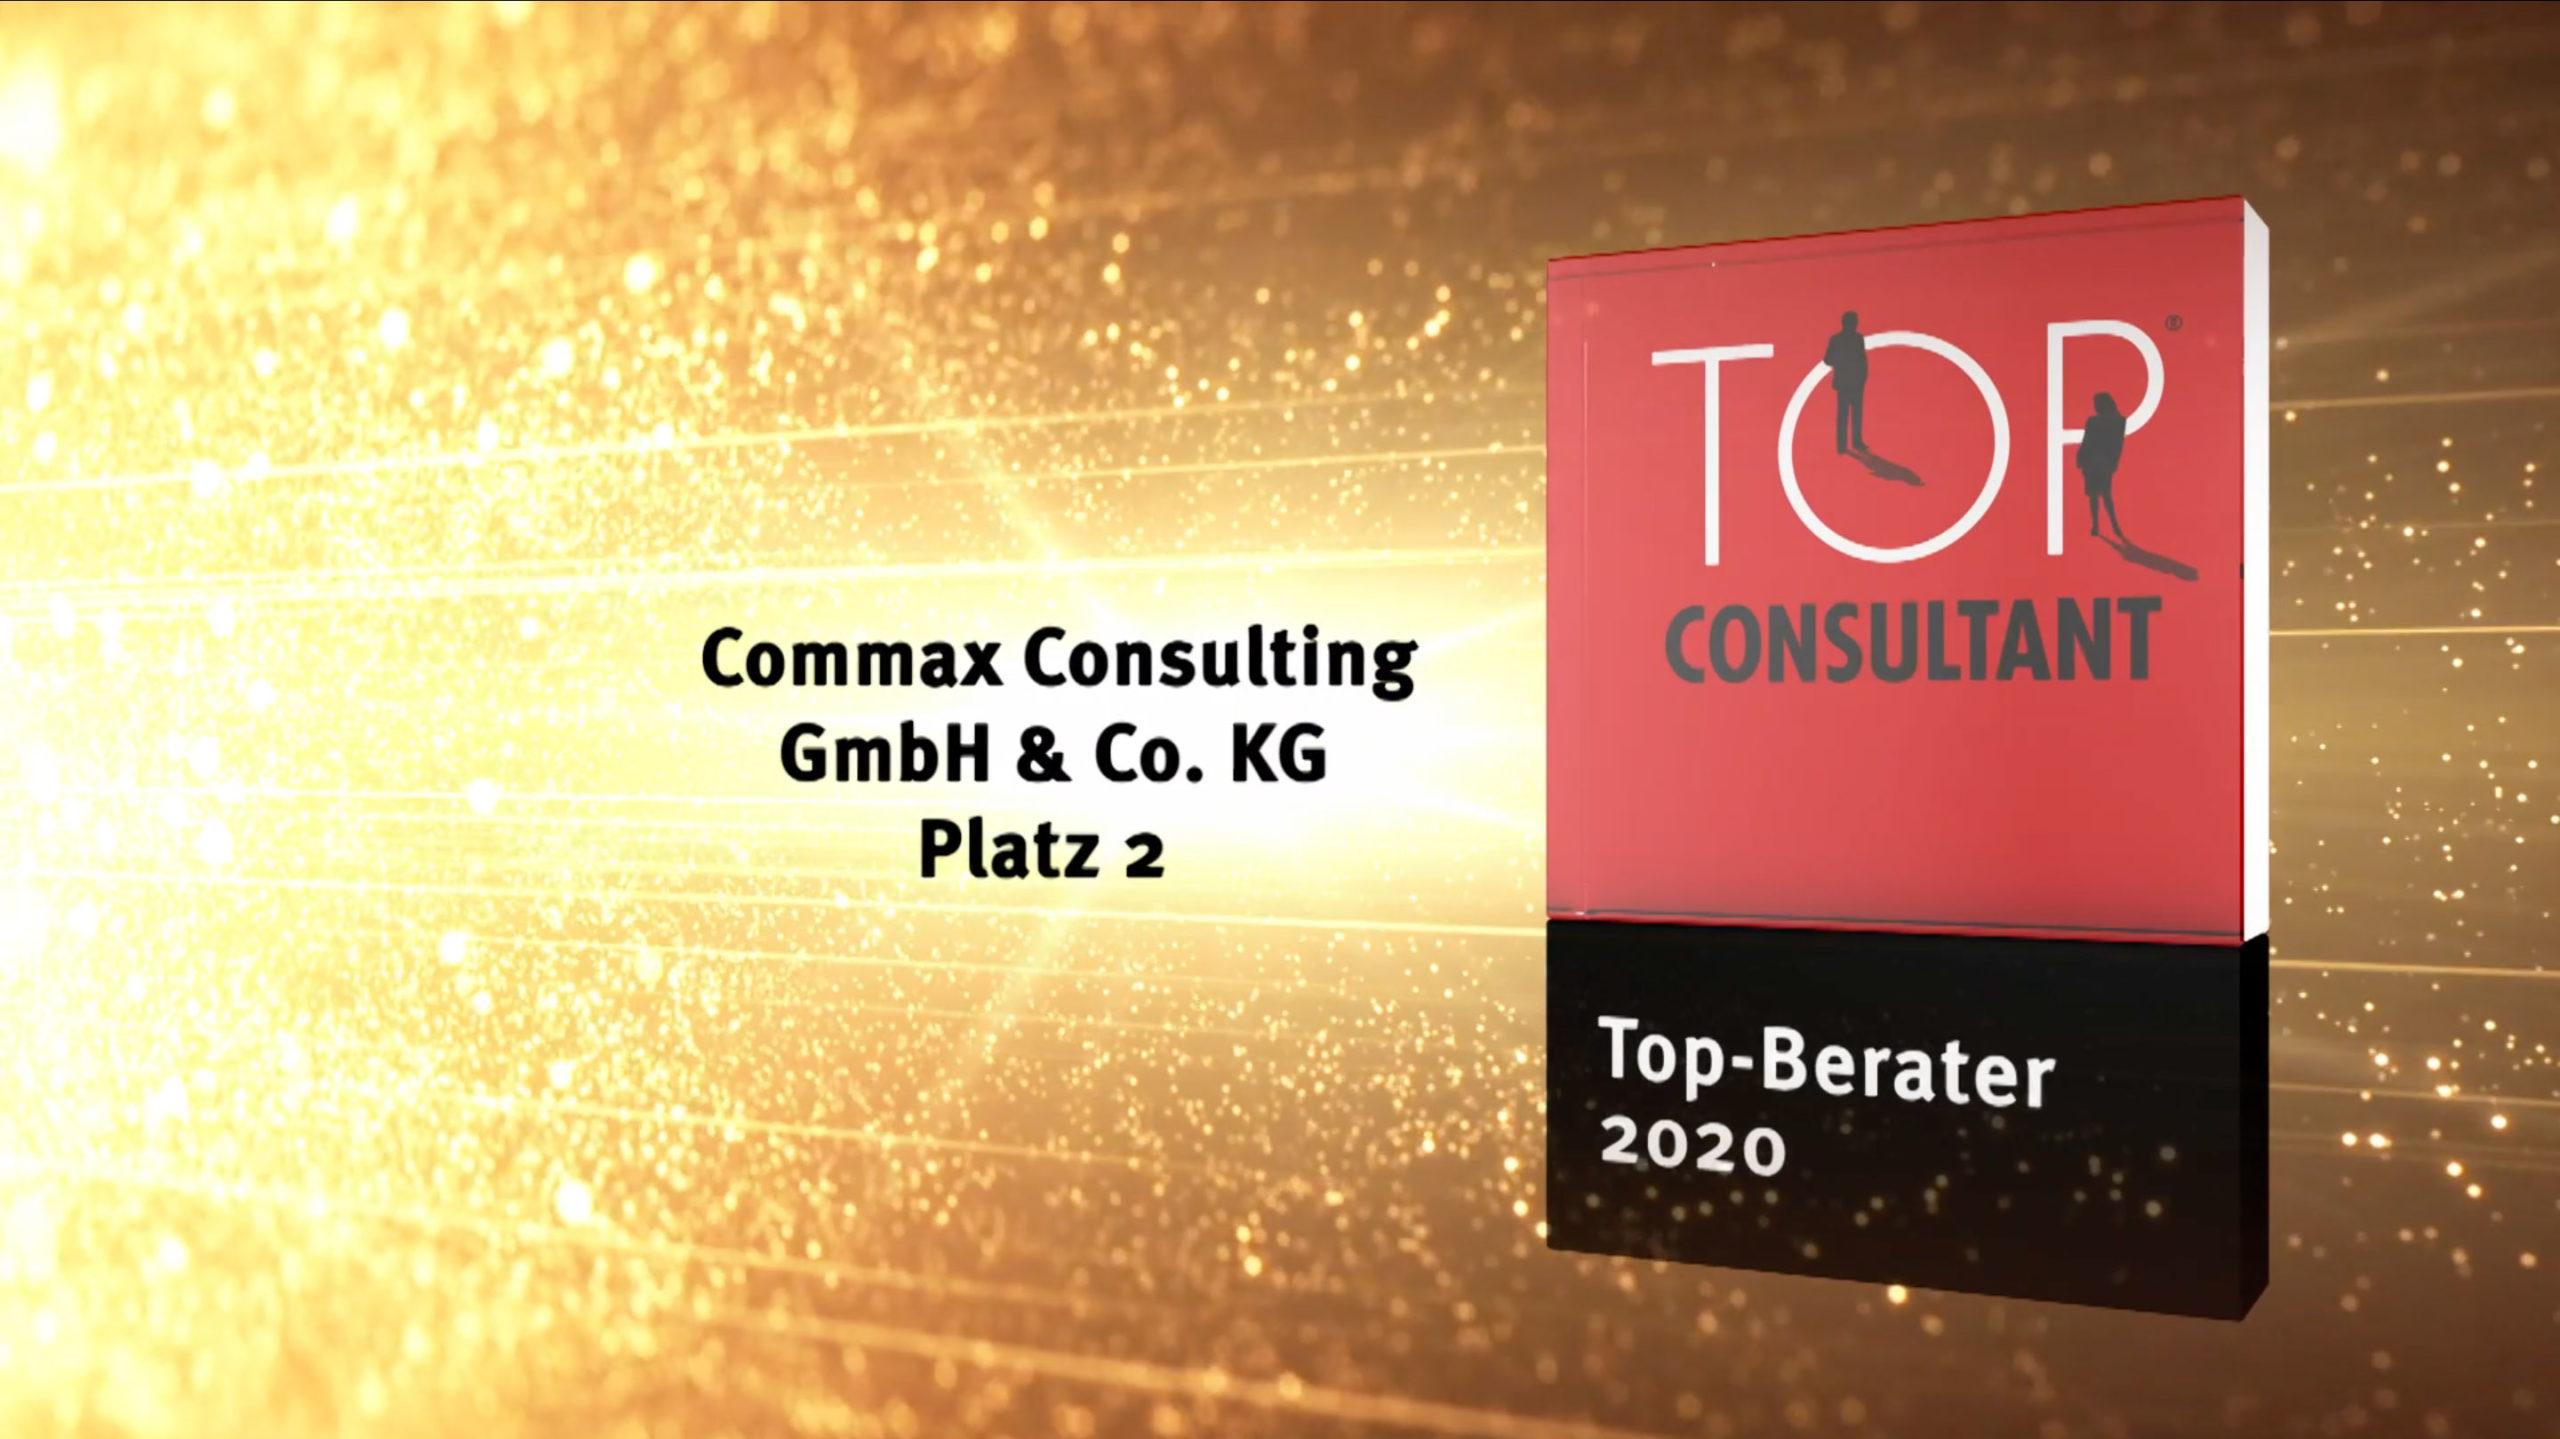 Top Consultant